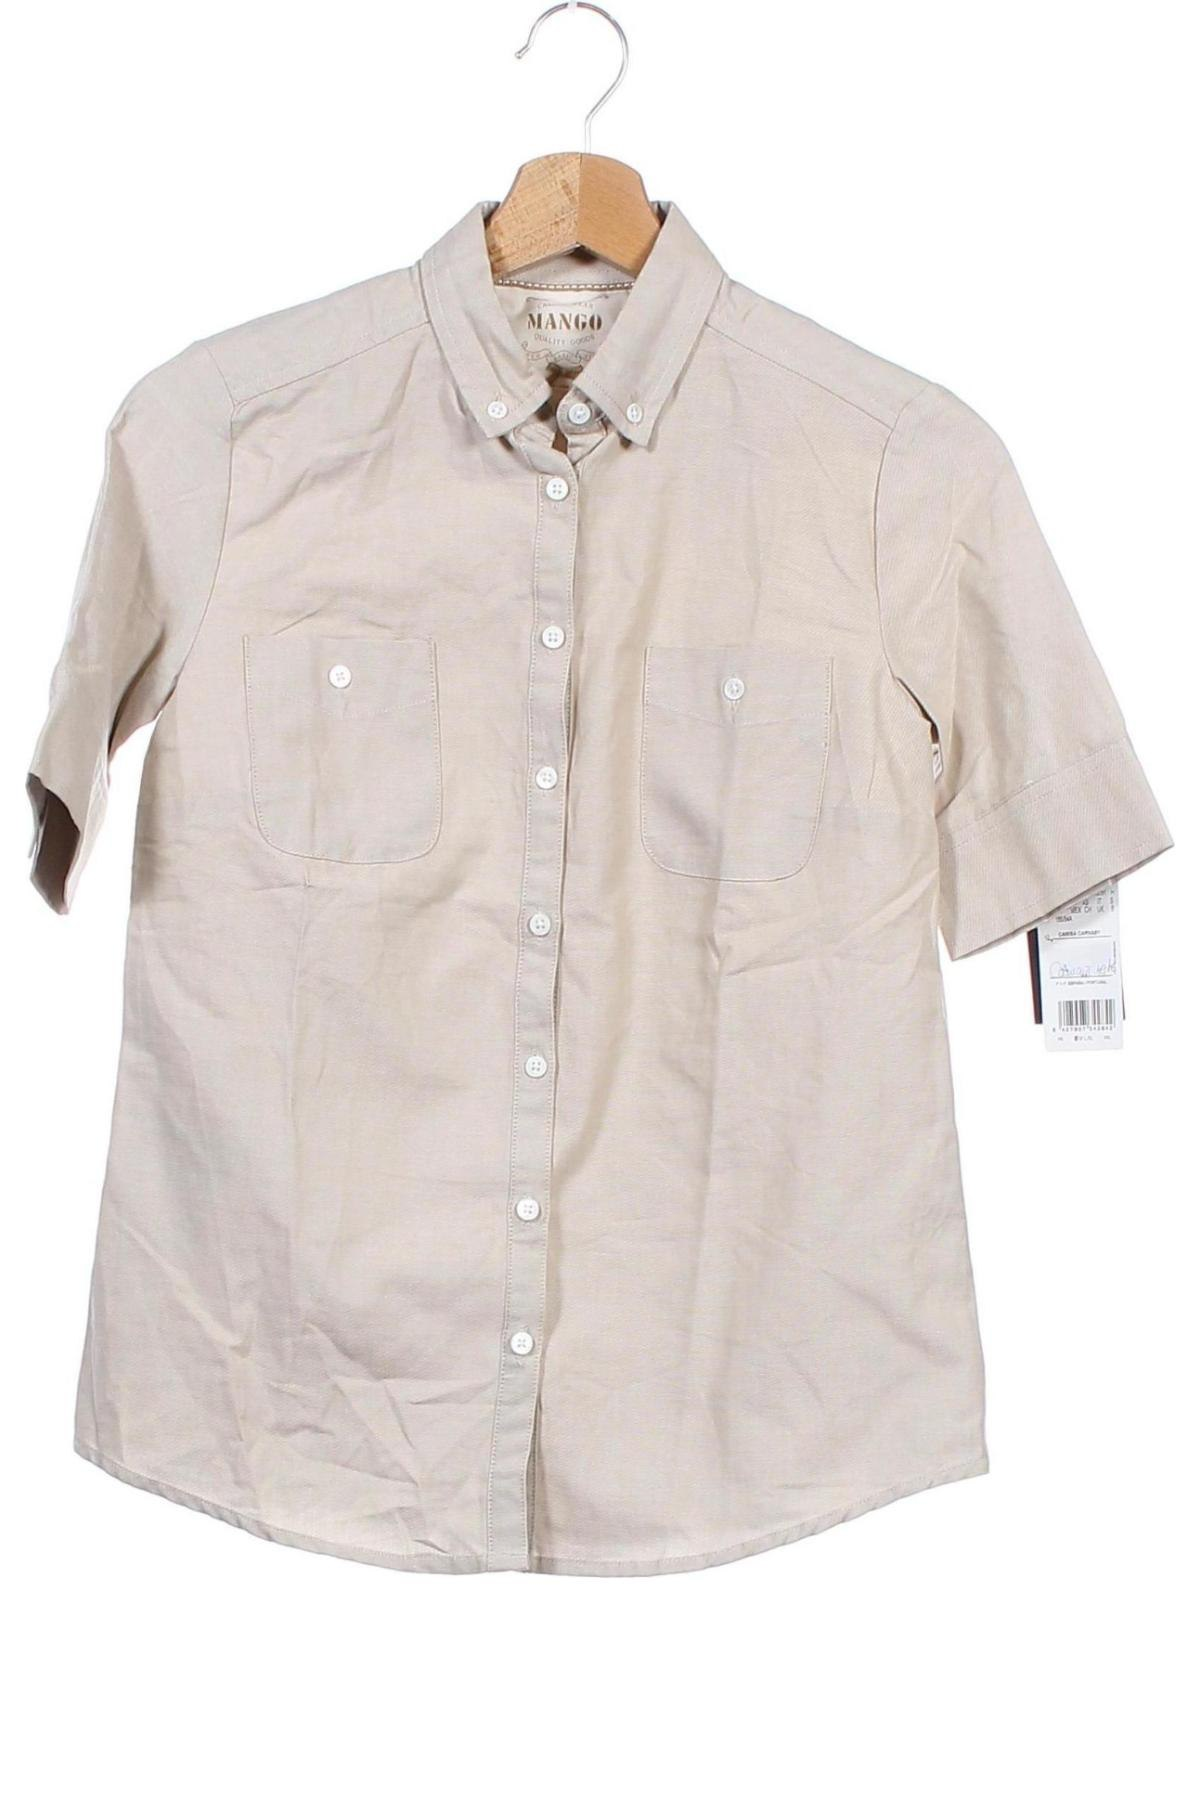 Γυναικείο πουκάμισο Mango, Μέγεθος XS, Χρώμα  Μπέζ, Βαμβάκι, Τιμή 9,64€